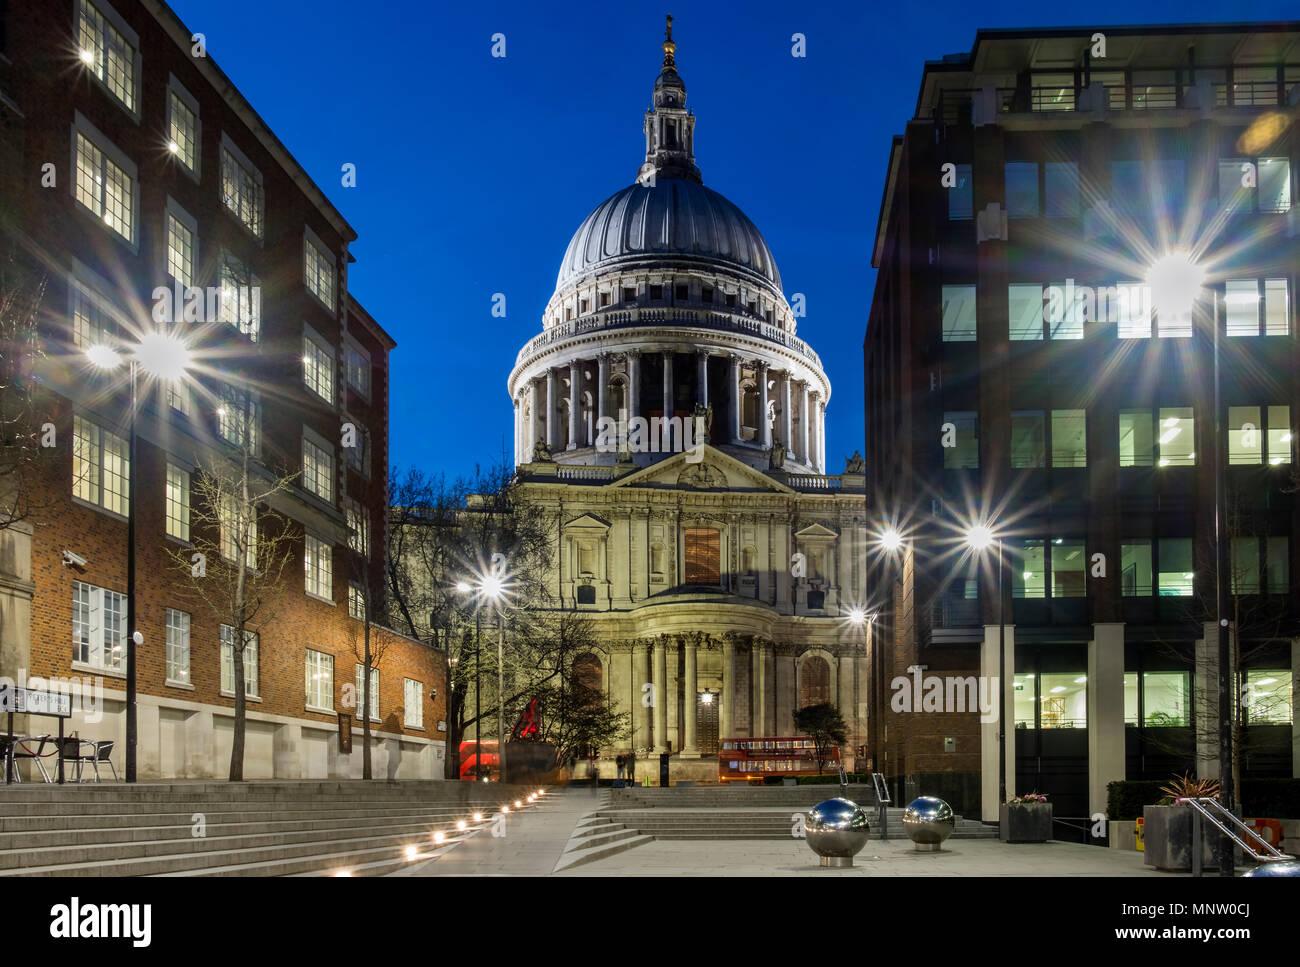 La Catedral de San Pablo de Peters Hill por la noche, Londres, Inglaterra, Reino Unido. Imagen De Stock